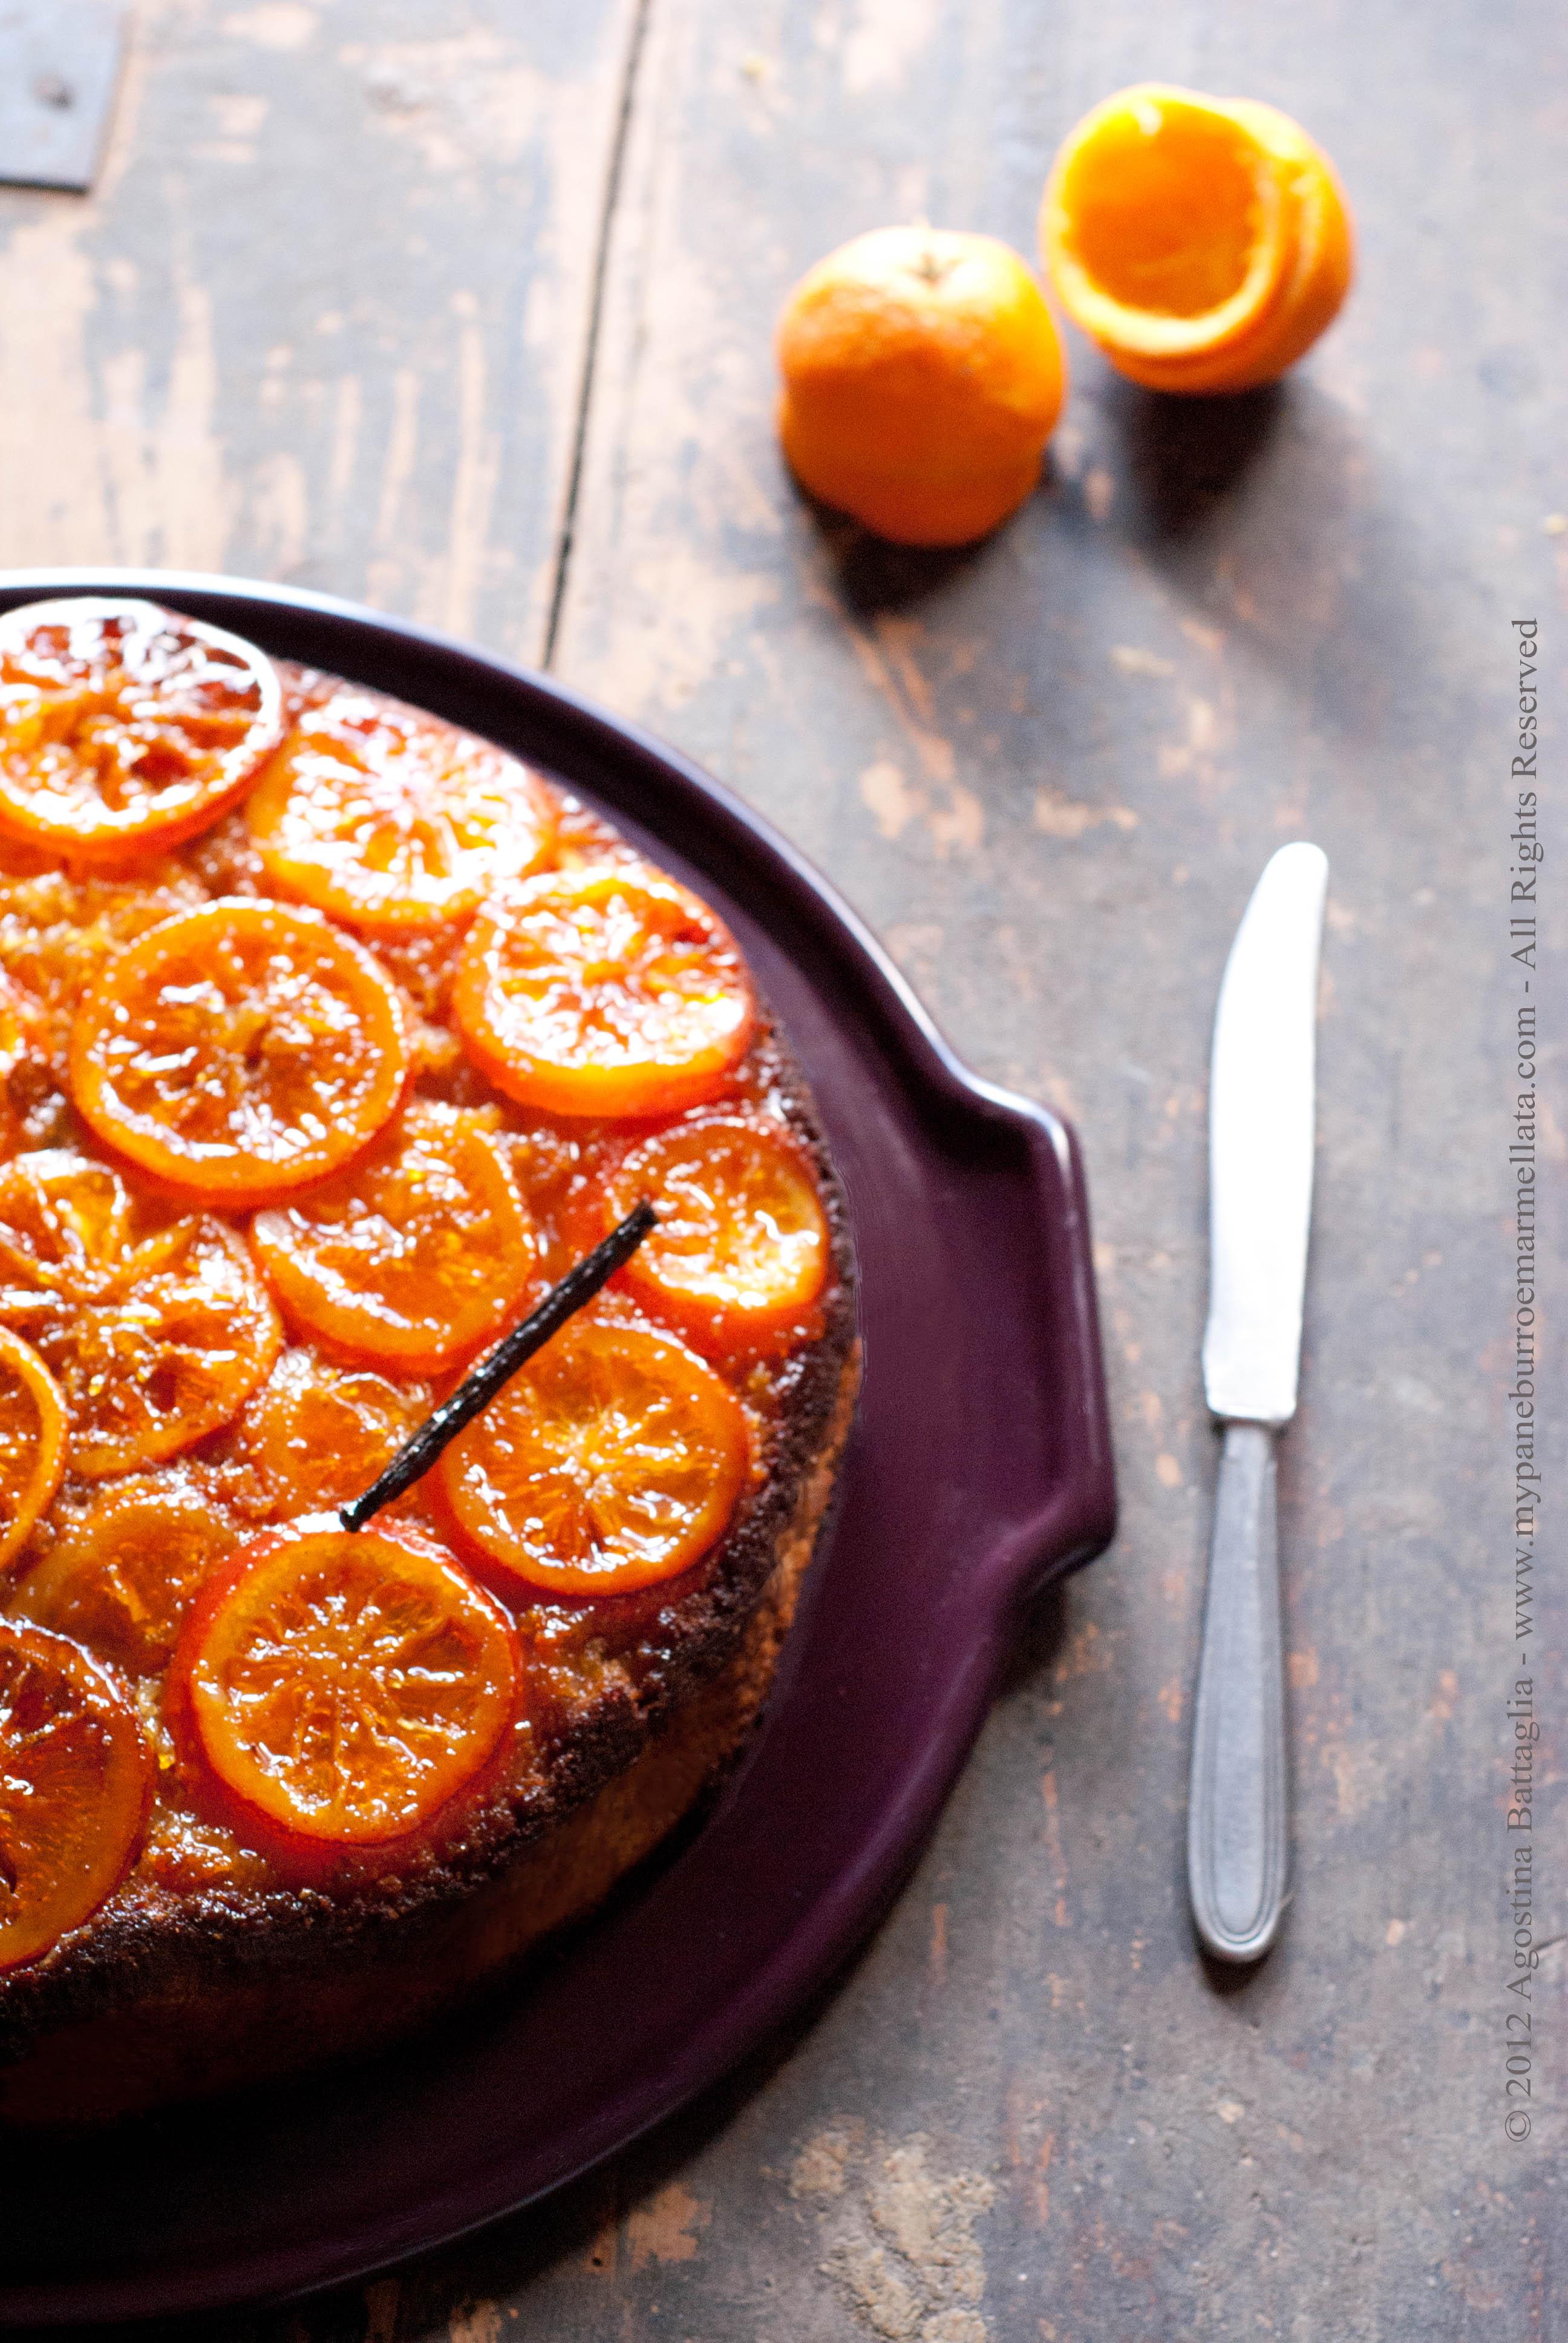 Torta Capovolta alle Arance Caramellate e Vaniglia - Sticky Orange ... 5650fdbf398